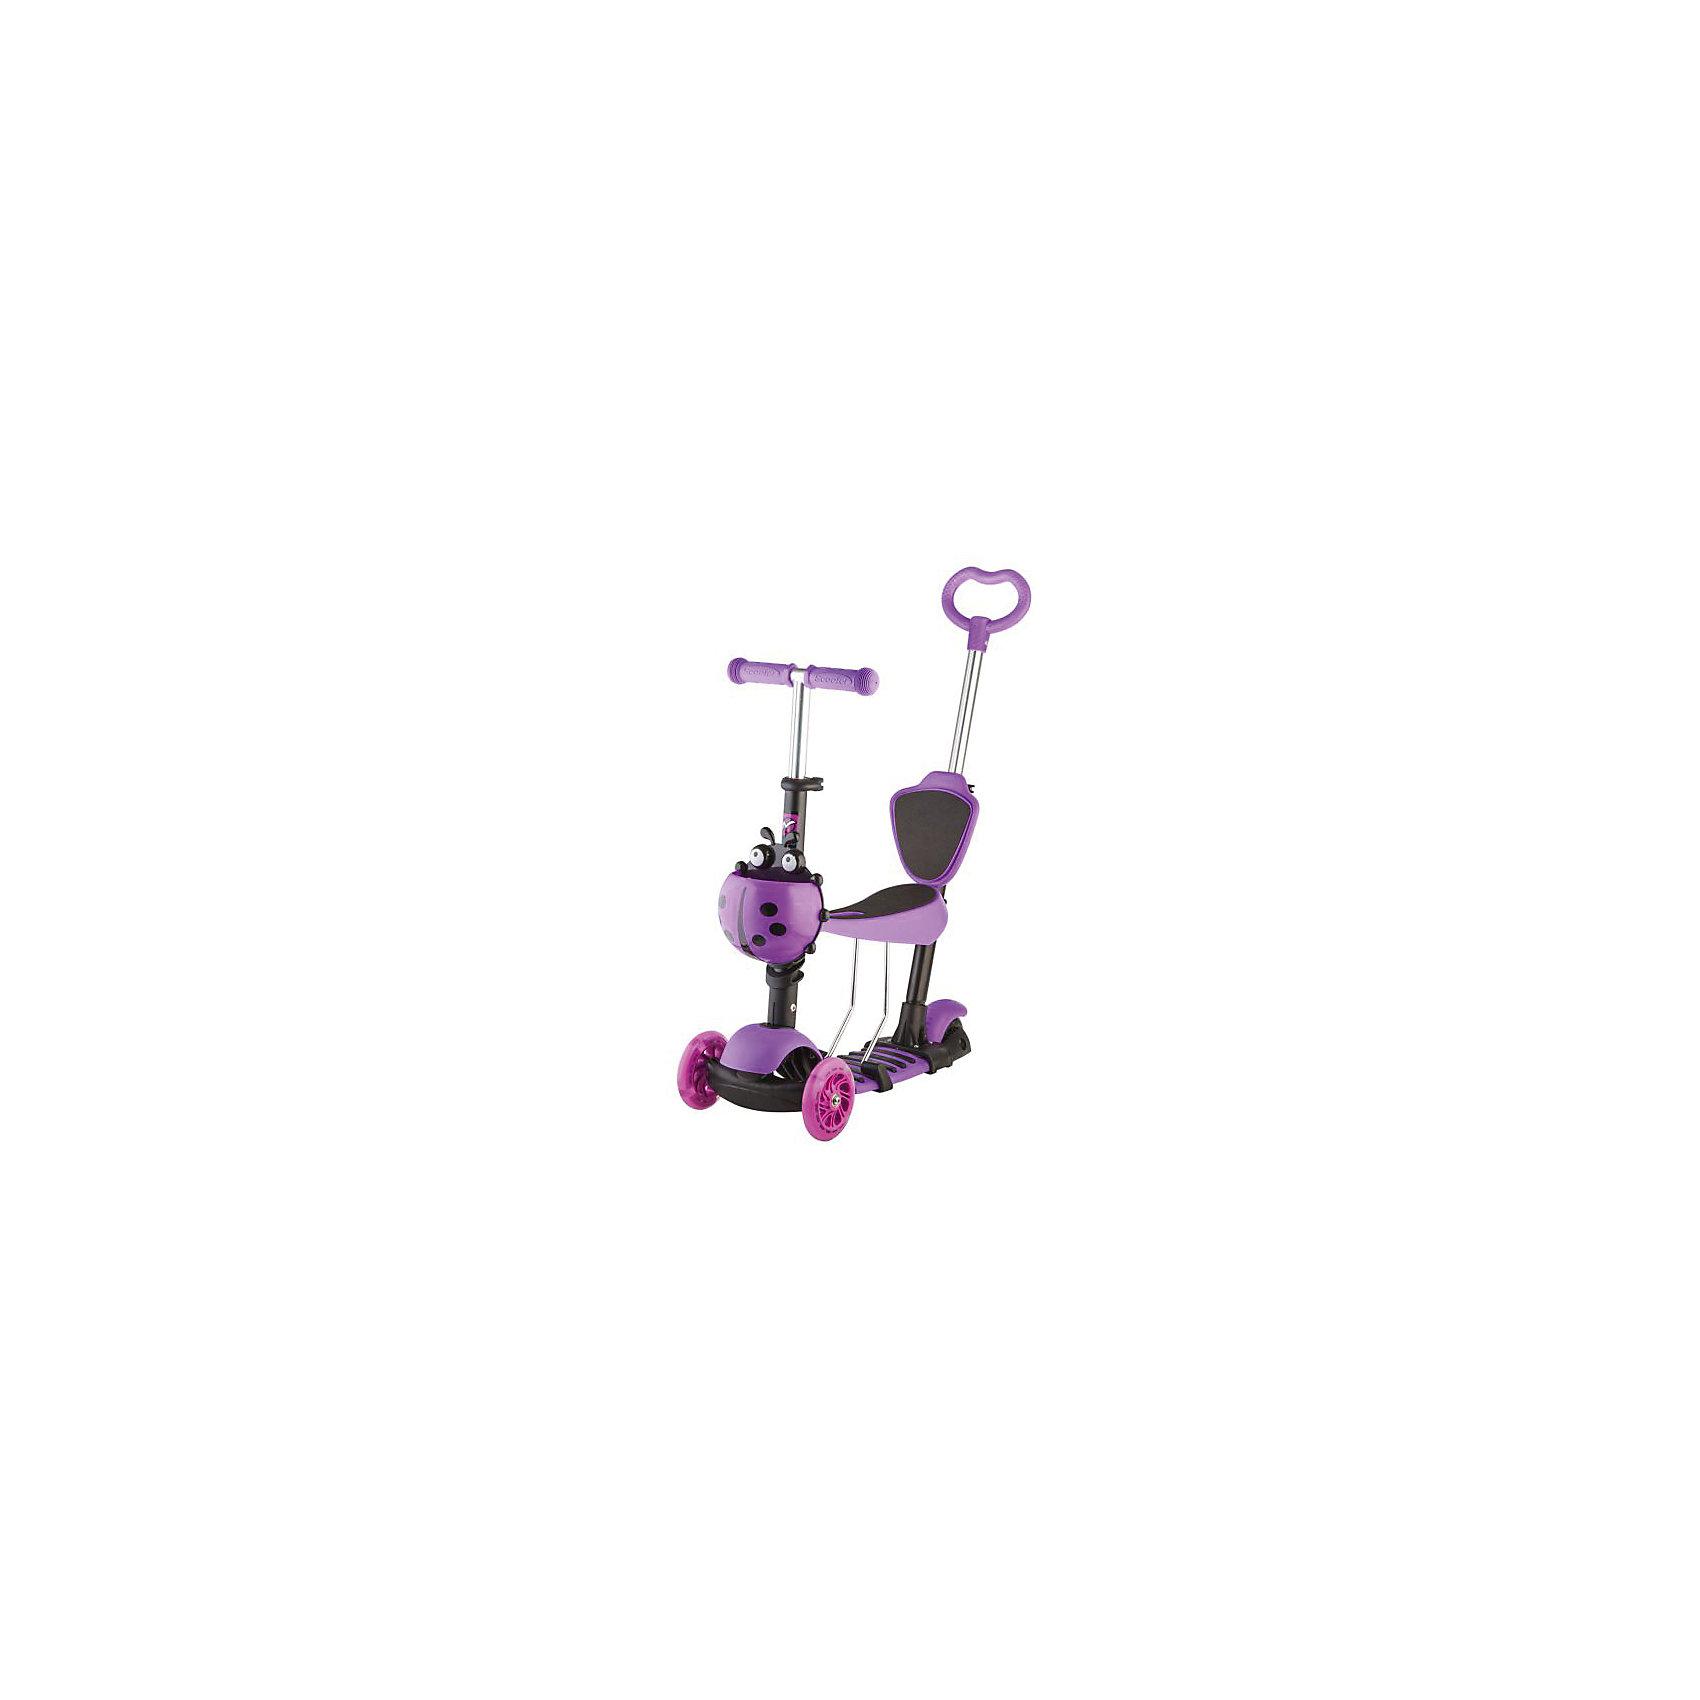 Самокат-кикборд детский трансформер Disco-kids, 40 кг, фиолетовый, NovatrackСамокаты<br>Характеристики товара:<br><br>• цвет: фиолетовый<br>• возраст от 2 до 5 лет<br>• трансформер: самокат, беговел, каталка с ручкой<br>• колеса светятся и мигают разными цветами во время движения<br>• максимальная нагрузка до 40 кг<br>• материал: металл, пластик<br>• материал колес полиуретан<br>• диаметр передних колес 12 см<br>• диаметр заднего колеса: 8 см<br>• подшипник АВЕС 5<br>• высота руля: от 50 см до 72 см (регулируется)<br>• прорезиненные ручки на руле<br>• к родительской ручке на нужной высоте крепится спинка, чтобы малышу было удобно<br>• заднее крыло выполняет функцию тормоза<br>• руль, сидение и родительская ручка регулируются по высоте<br>• дополнен корзиной в виде божьей коровки<br>• вес самоката 3,5 кг<br>• размер упаковки 56х15х27 см<br>• вес упаковки 4,2 кг<br>• страна производитель: Китай<br><br>Самокат-кикборд трансформер, голубой, Disco-Kids Novatrack сочетает в себе 2 функции. Для детей помладше он используется как беговел с удобным сидением и родительской ручкой. Дети могут перемещаться самостоятельно, отталкиваясь ножками. Родители же могут помогать и контролировать движения малыша, поддерживая беговел за ручку. На руль крепится корзинка для игрушек и мелочей.<br><br>Ручка и сидение убираются, и беговел трансформируется в самокат. Катаясь на самокате, ребенок учится держать равновесие. Полиуретановые колеса не изнашиваются и не стираются во временем. Прорезиненные накладки на ручках руля не дают ладоням соскальзывать во время движения. Рама выполнена из прочного металла.<br><br>Самокат-кикборд трансформер, голубой, Disco-Kids Novatrack можно приобрести в нашем интернет-магазине.<br><br>Ширина мм: 560<br>Глубина мм: 150<br>Высота мм: 270<br>Вес г: 4200<br>Возраст от месяцев: 24<br>Возраст до месяцев: 2147483647<br>Пол: Унисекс<br>Возраст: Детский<br>SKU: 5528463